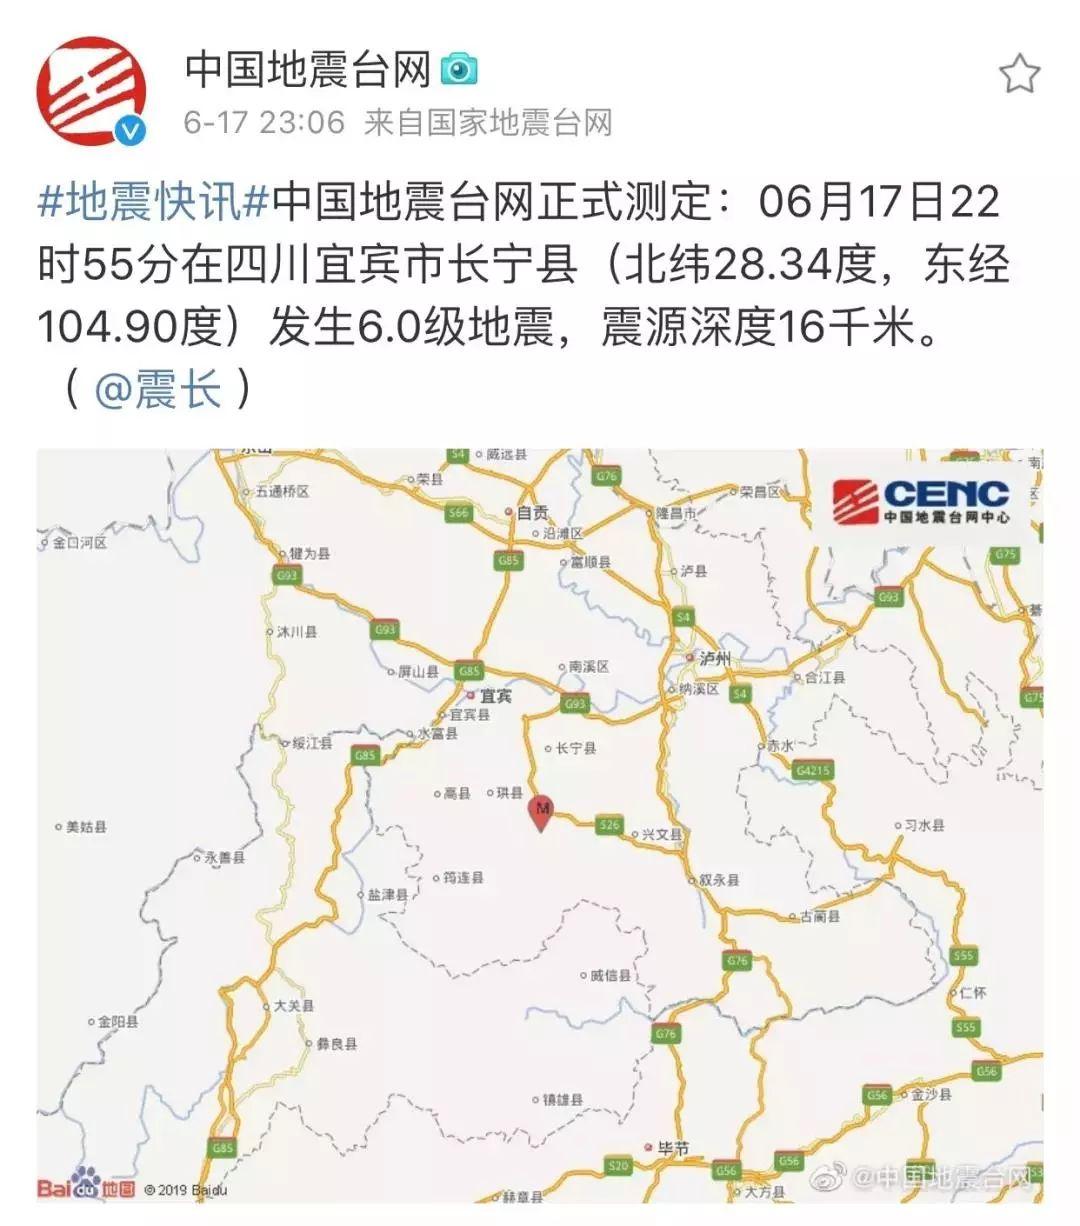 http://www.7loves.org/jiaoyu/656644.html